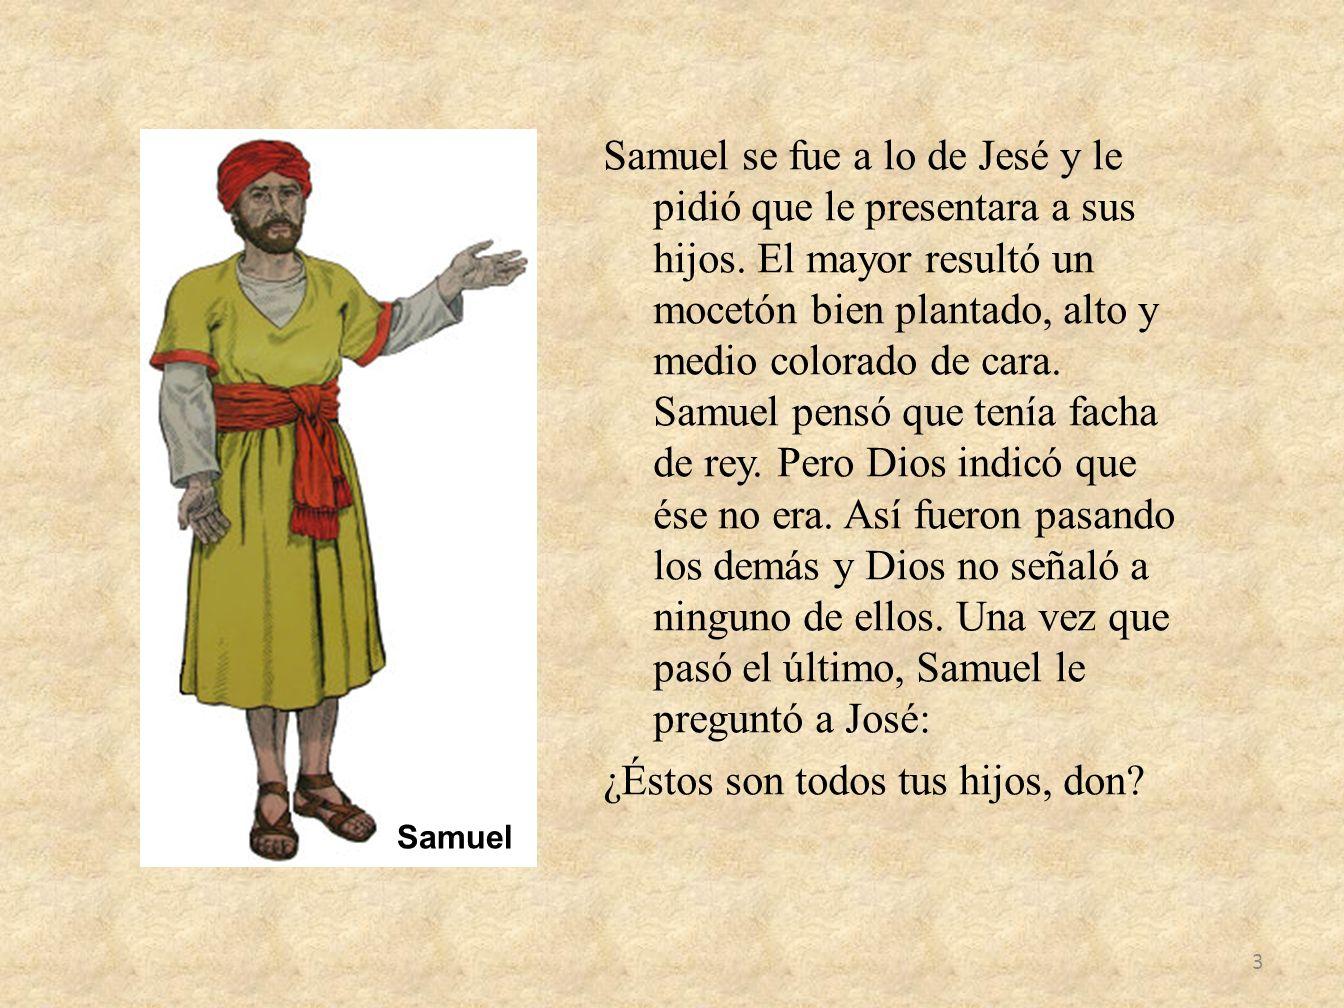 Samuel se fue a lo de Jesé y le pidió que le presentara a sus hijos